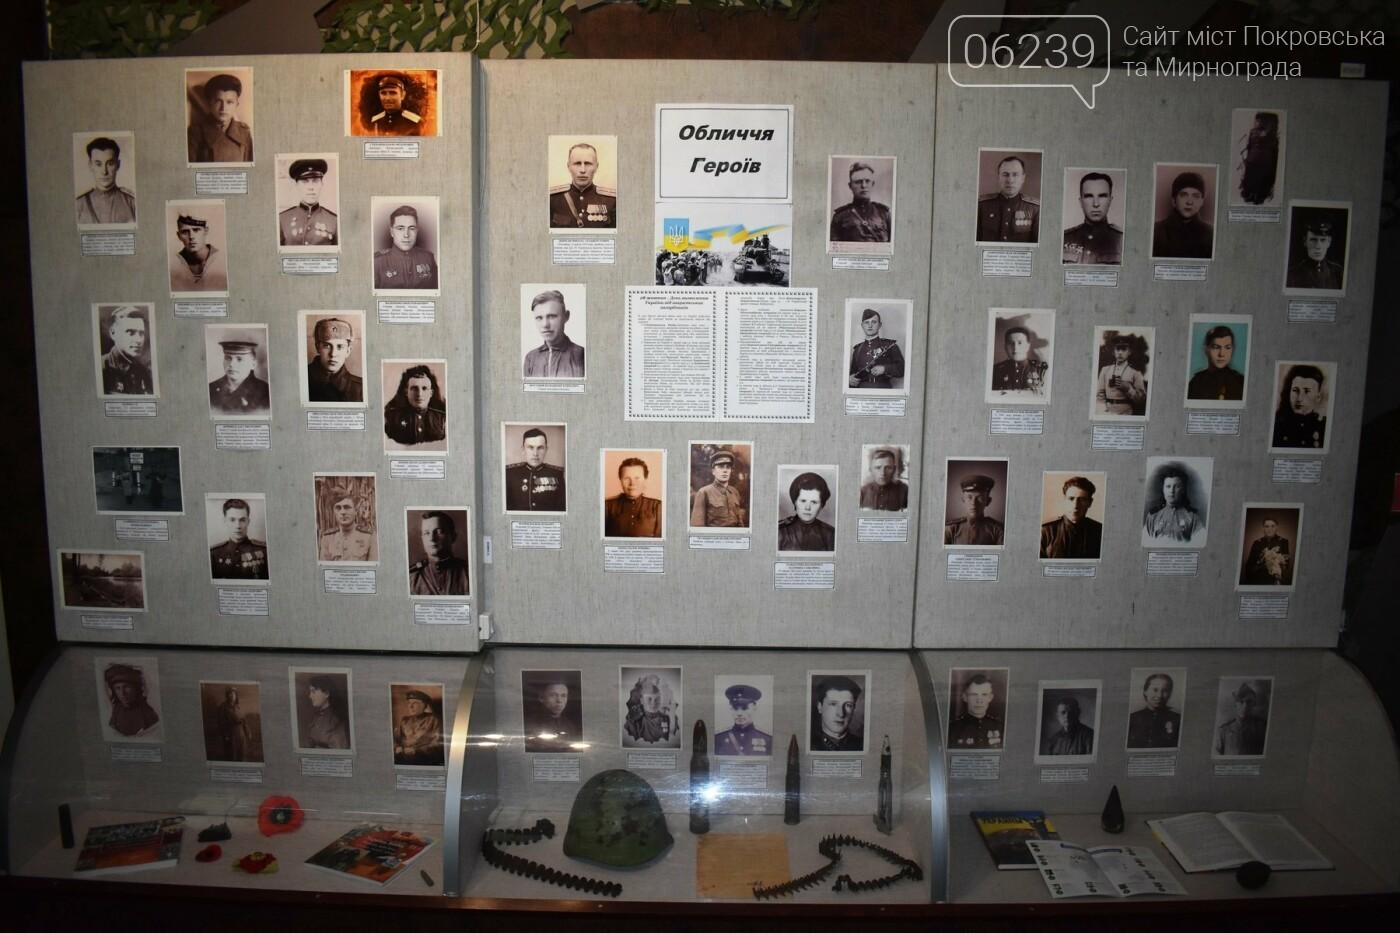 У музеї Покровська відкрита виставка «Обличчя Героїв», присвячена 74-й річниці визволення України від нацистських окупантів, фото-2